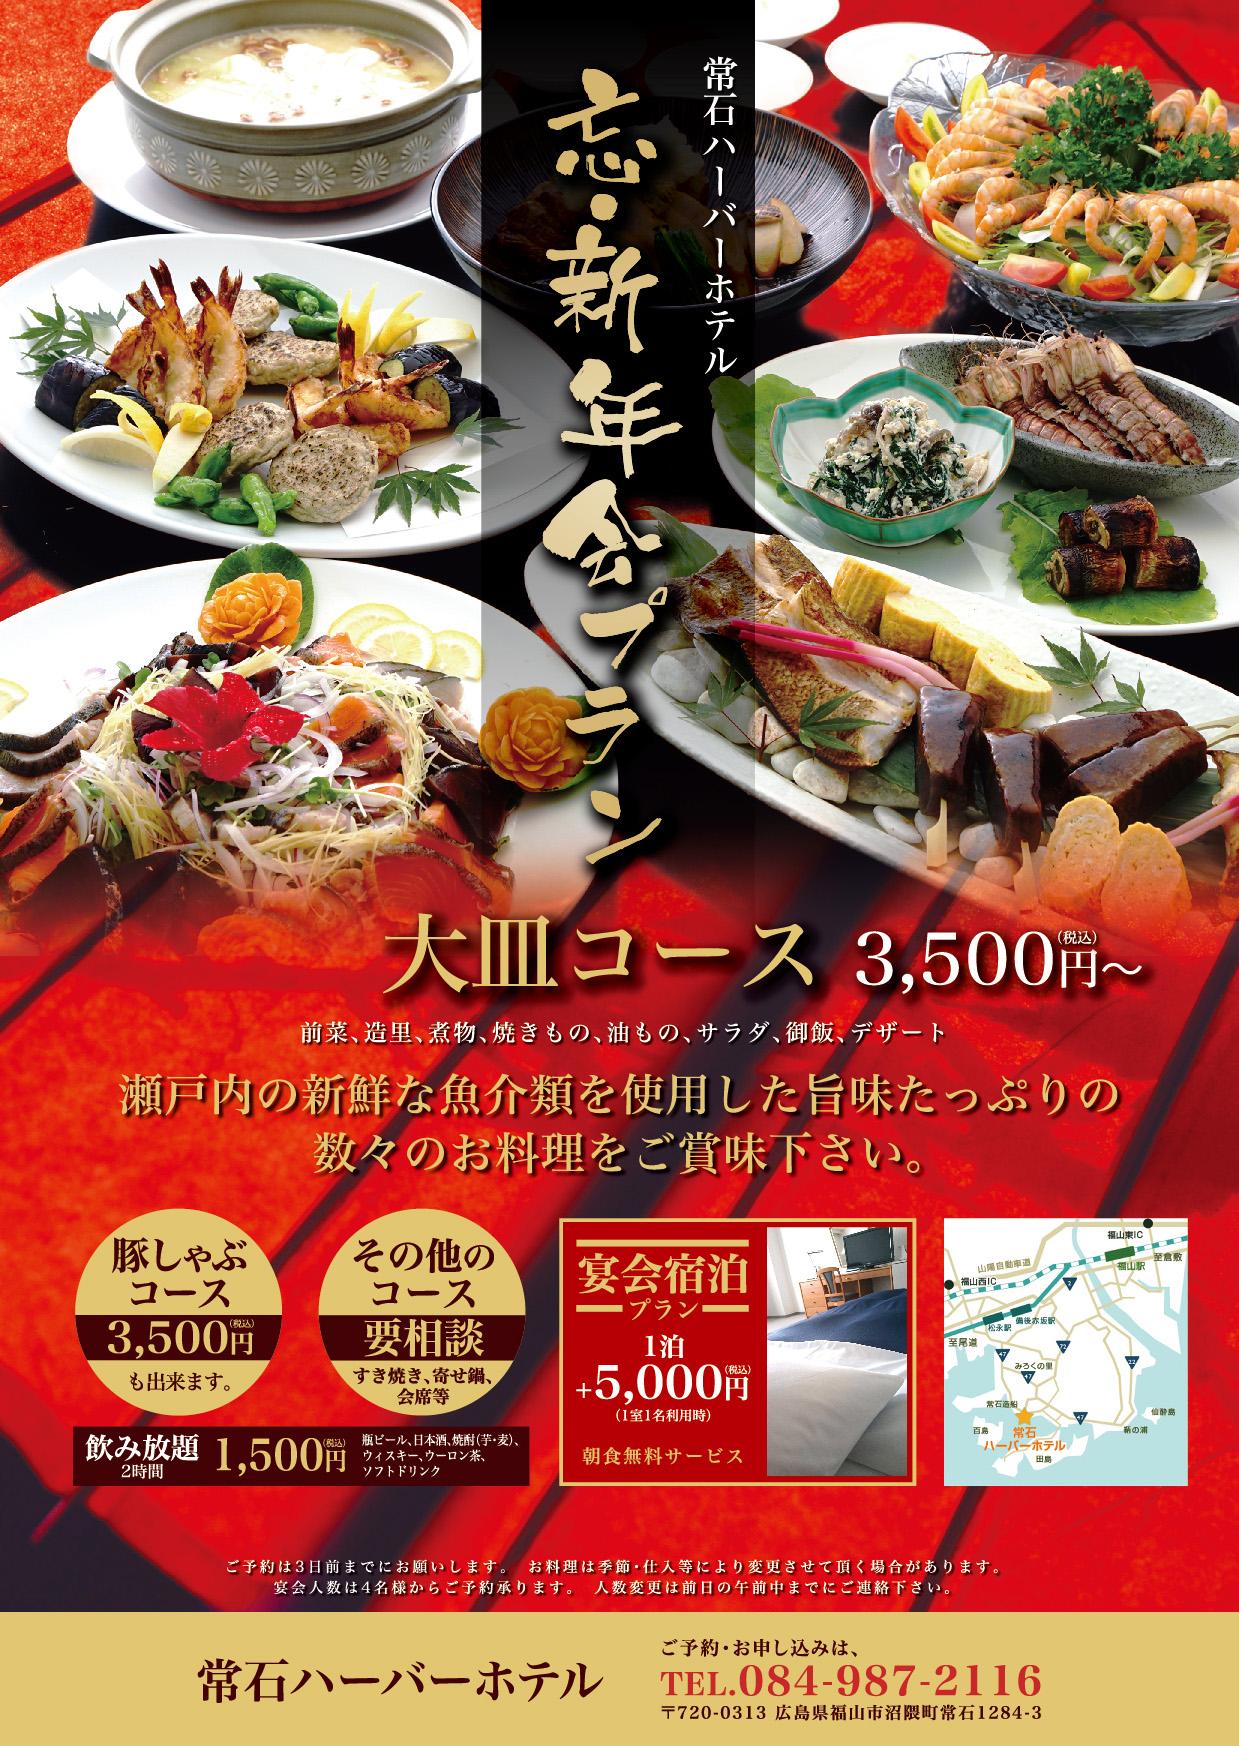 常石ハーバーホテルから本格的な料理を楽しむ忘年会・新年会プランが登場